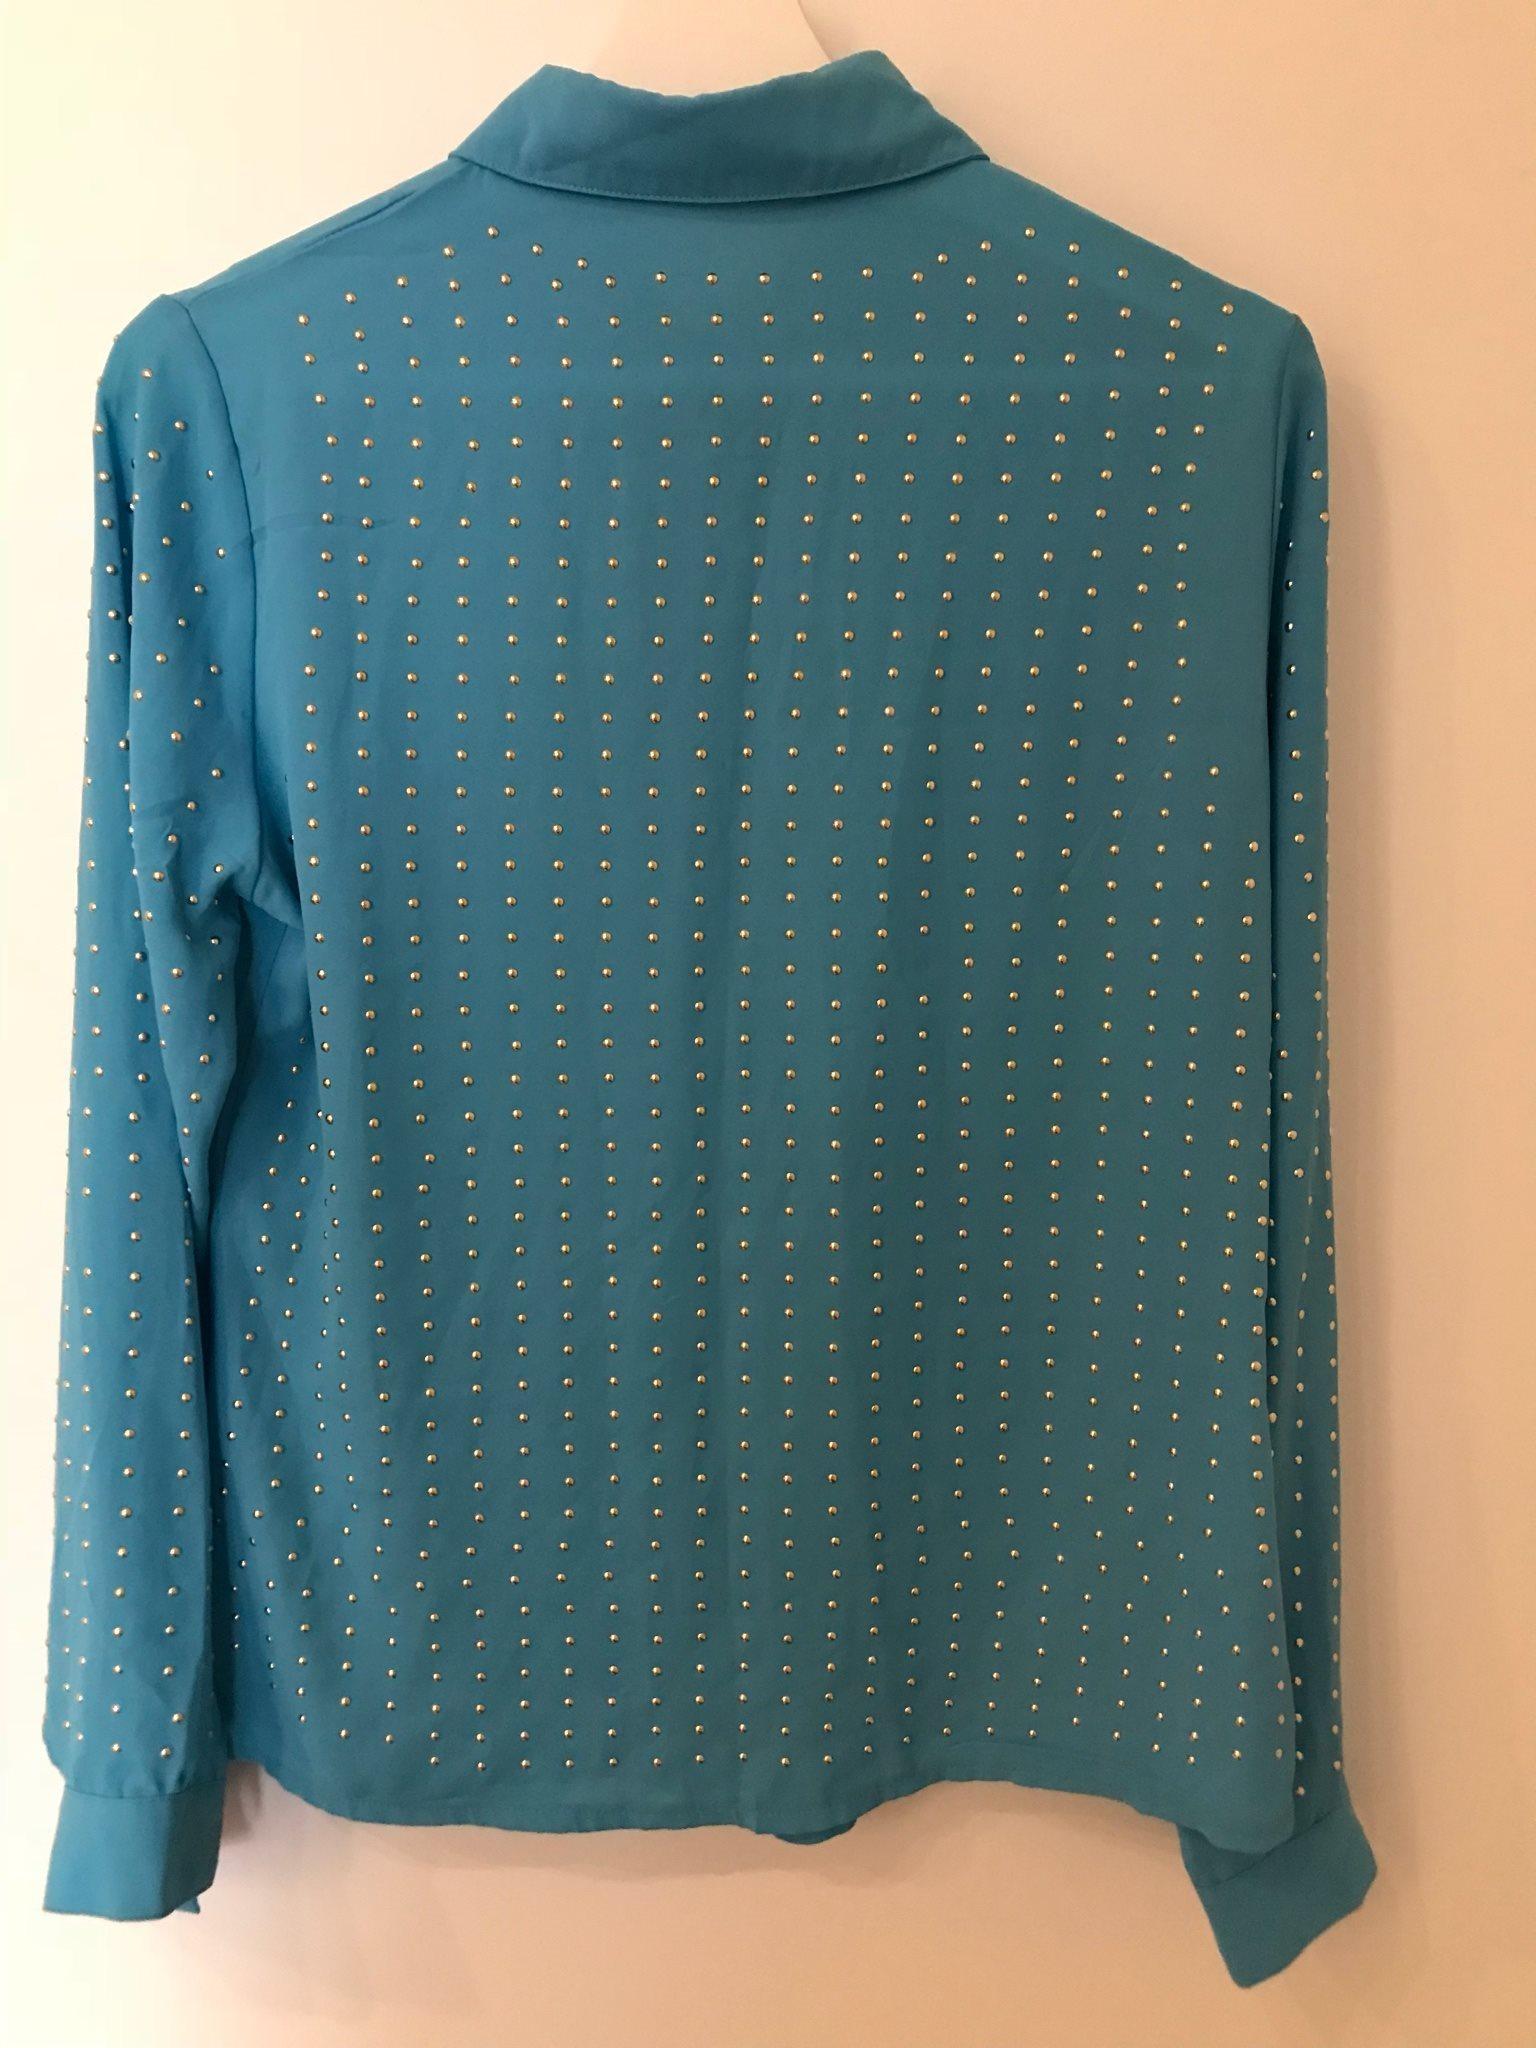 Mjuk skön blus dam kläder topp skjorta nitar lå.. (338102081) ᐈ Köp ... ca39665da03a2